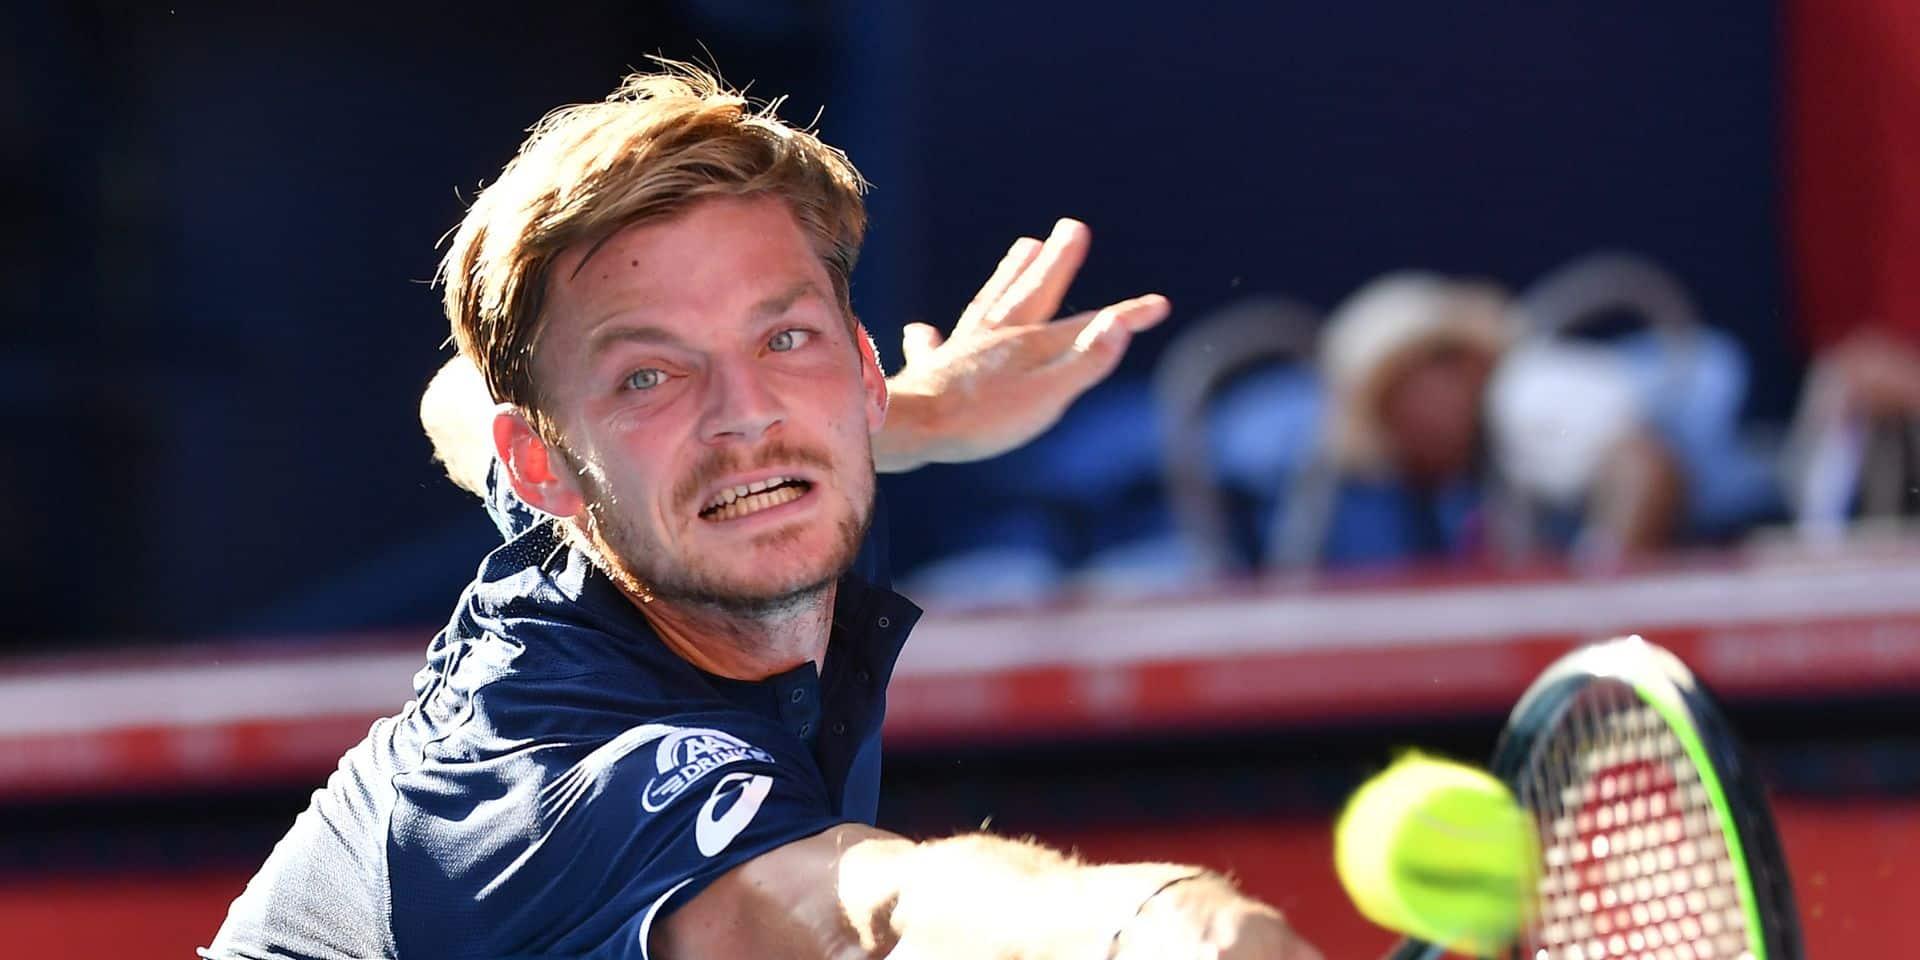 ATP Shanghaï: David Goffin écarte facilement Richard Gasquet au premier tour